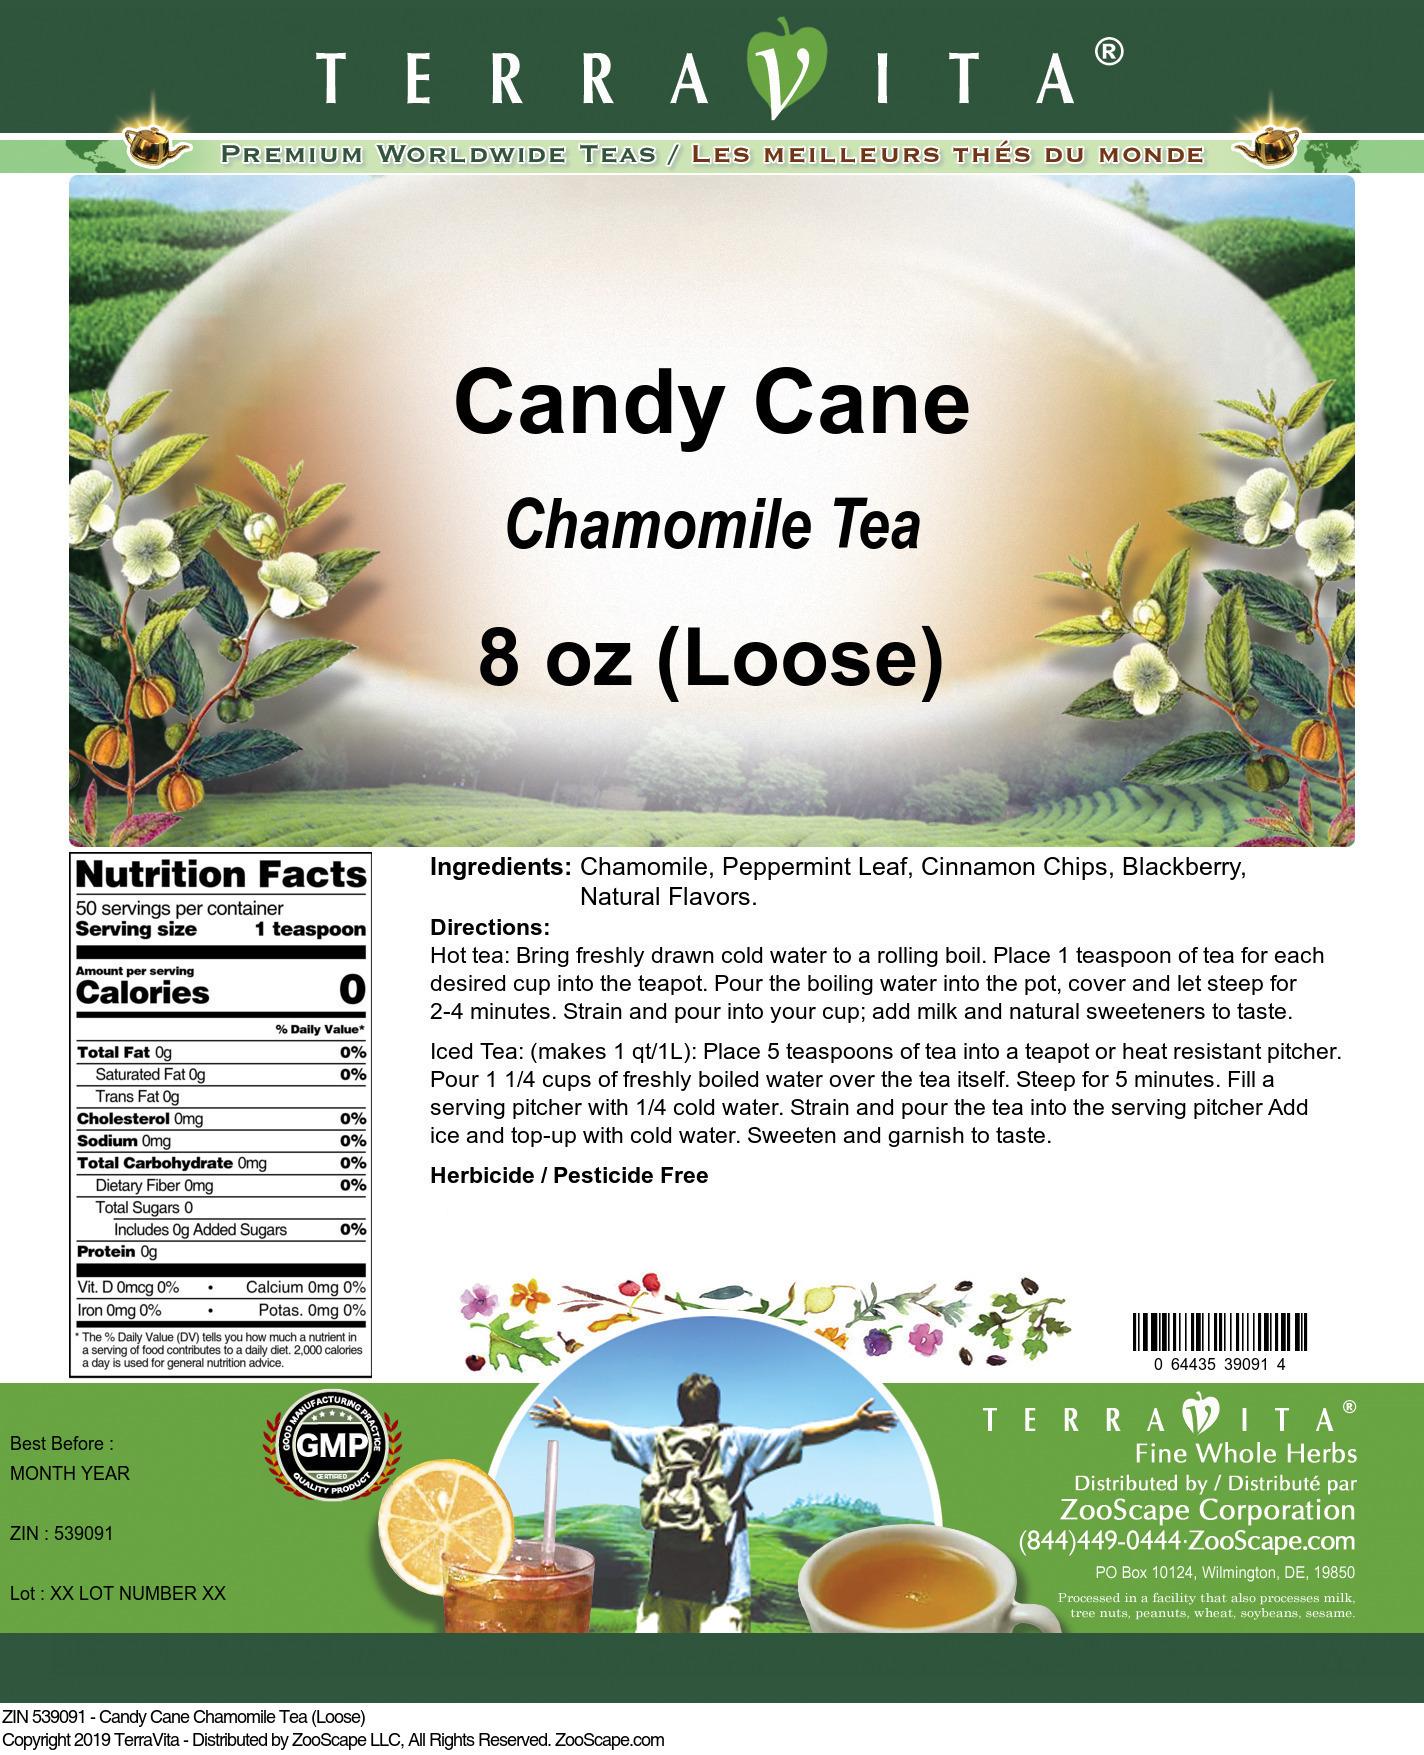 Candy Cane Chamomile Tea (Loose)